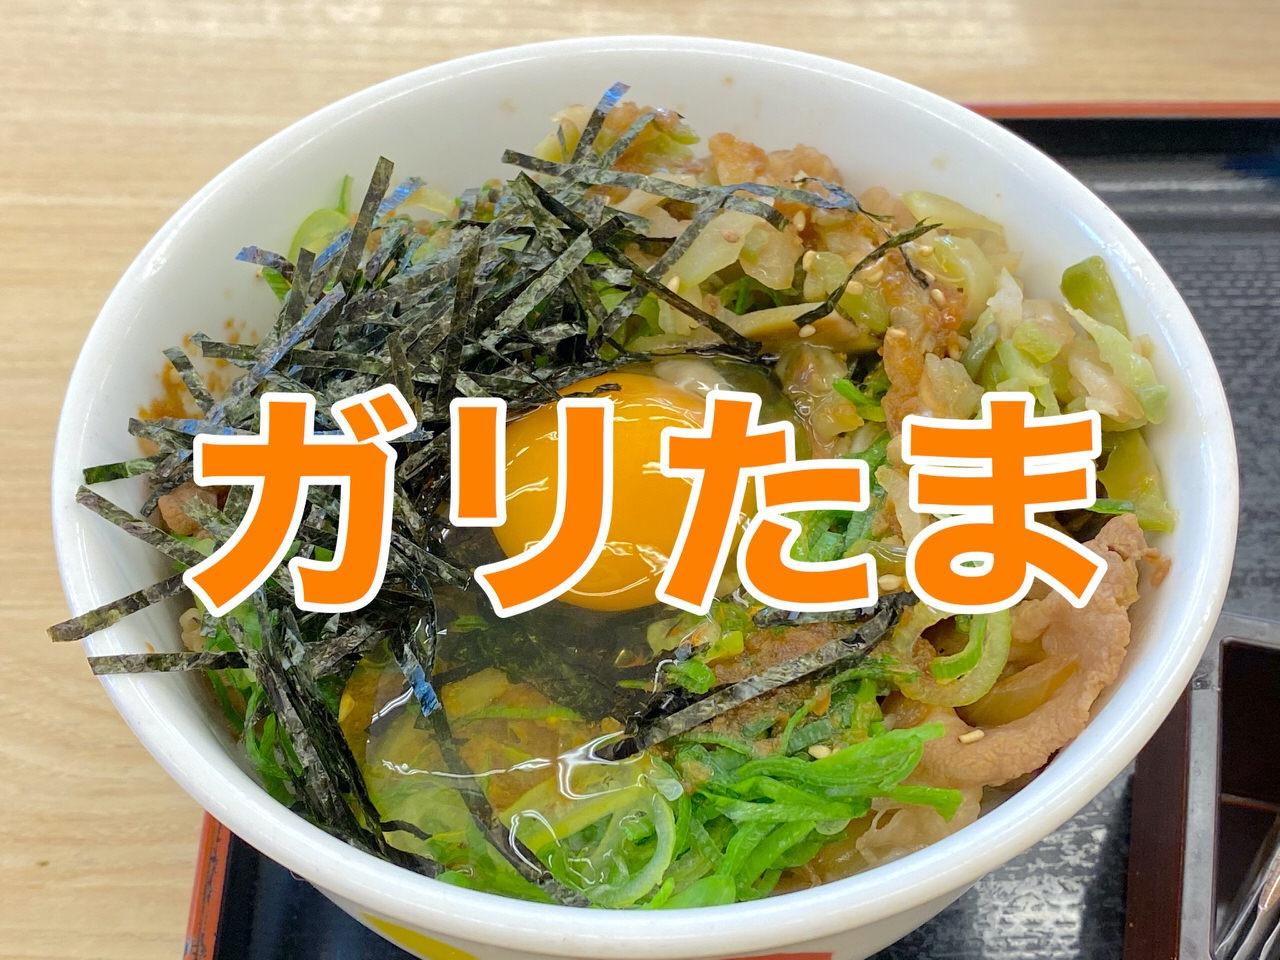 【松屋】たっぷりニンニクにこりこりザーサイが旨味!復活した「ガリたま牛めし」食べた